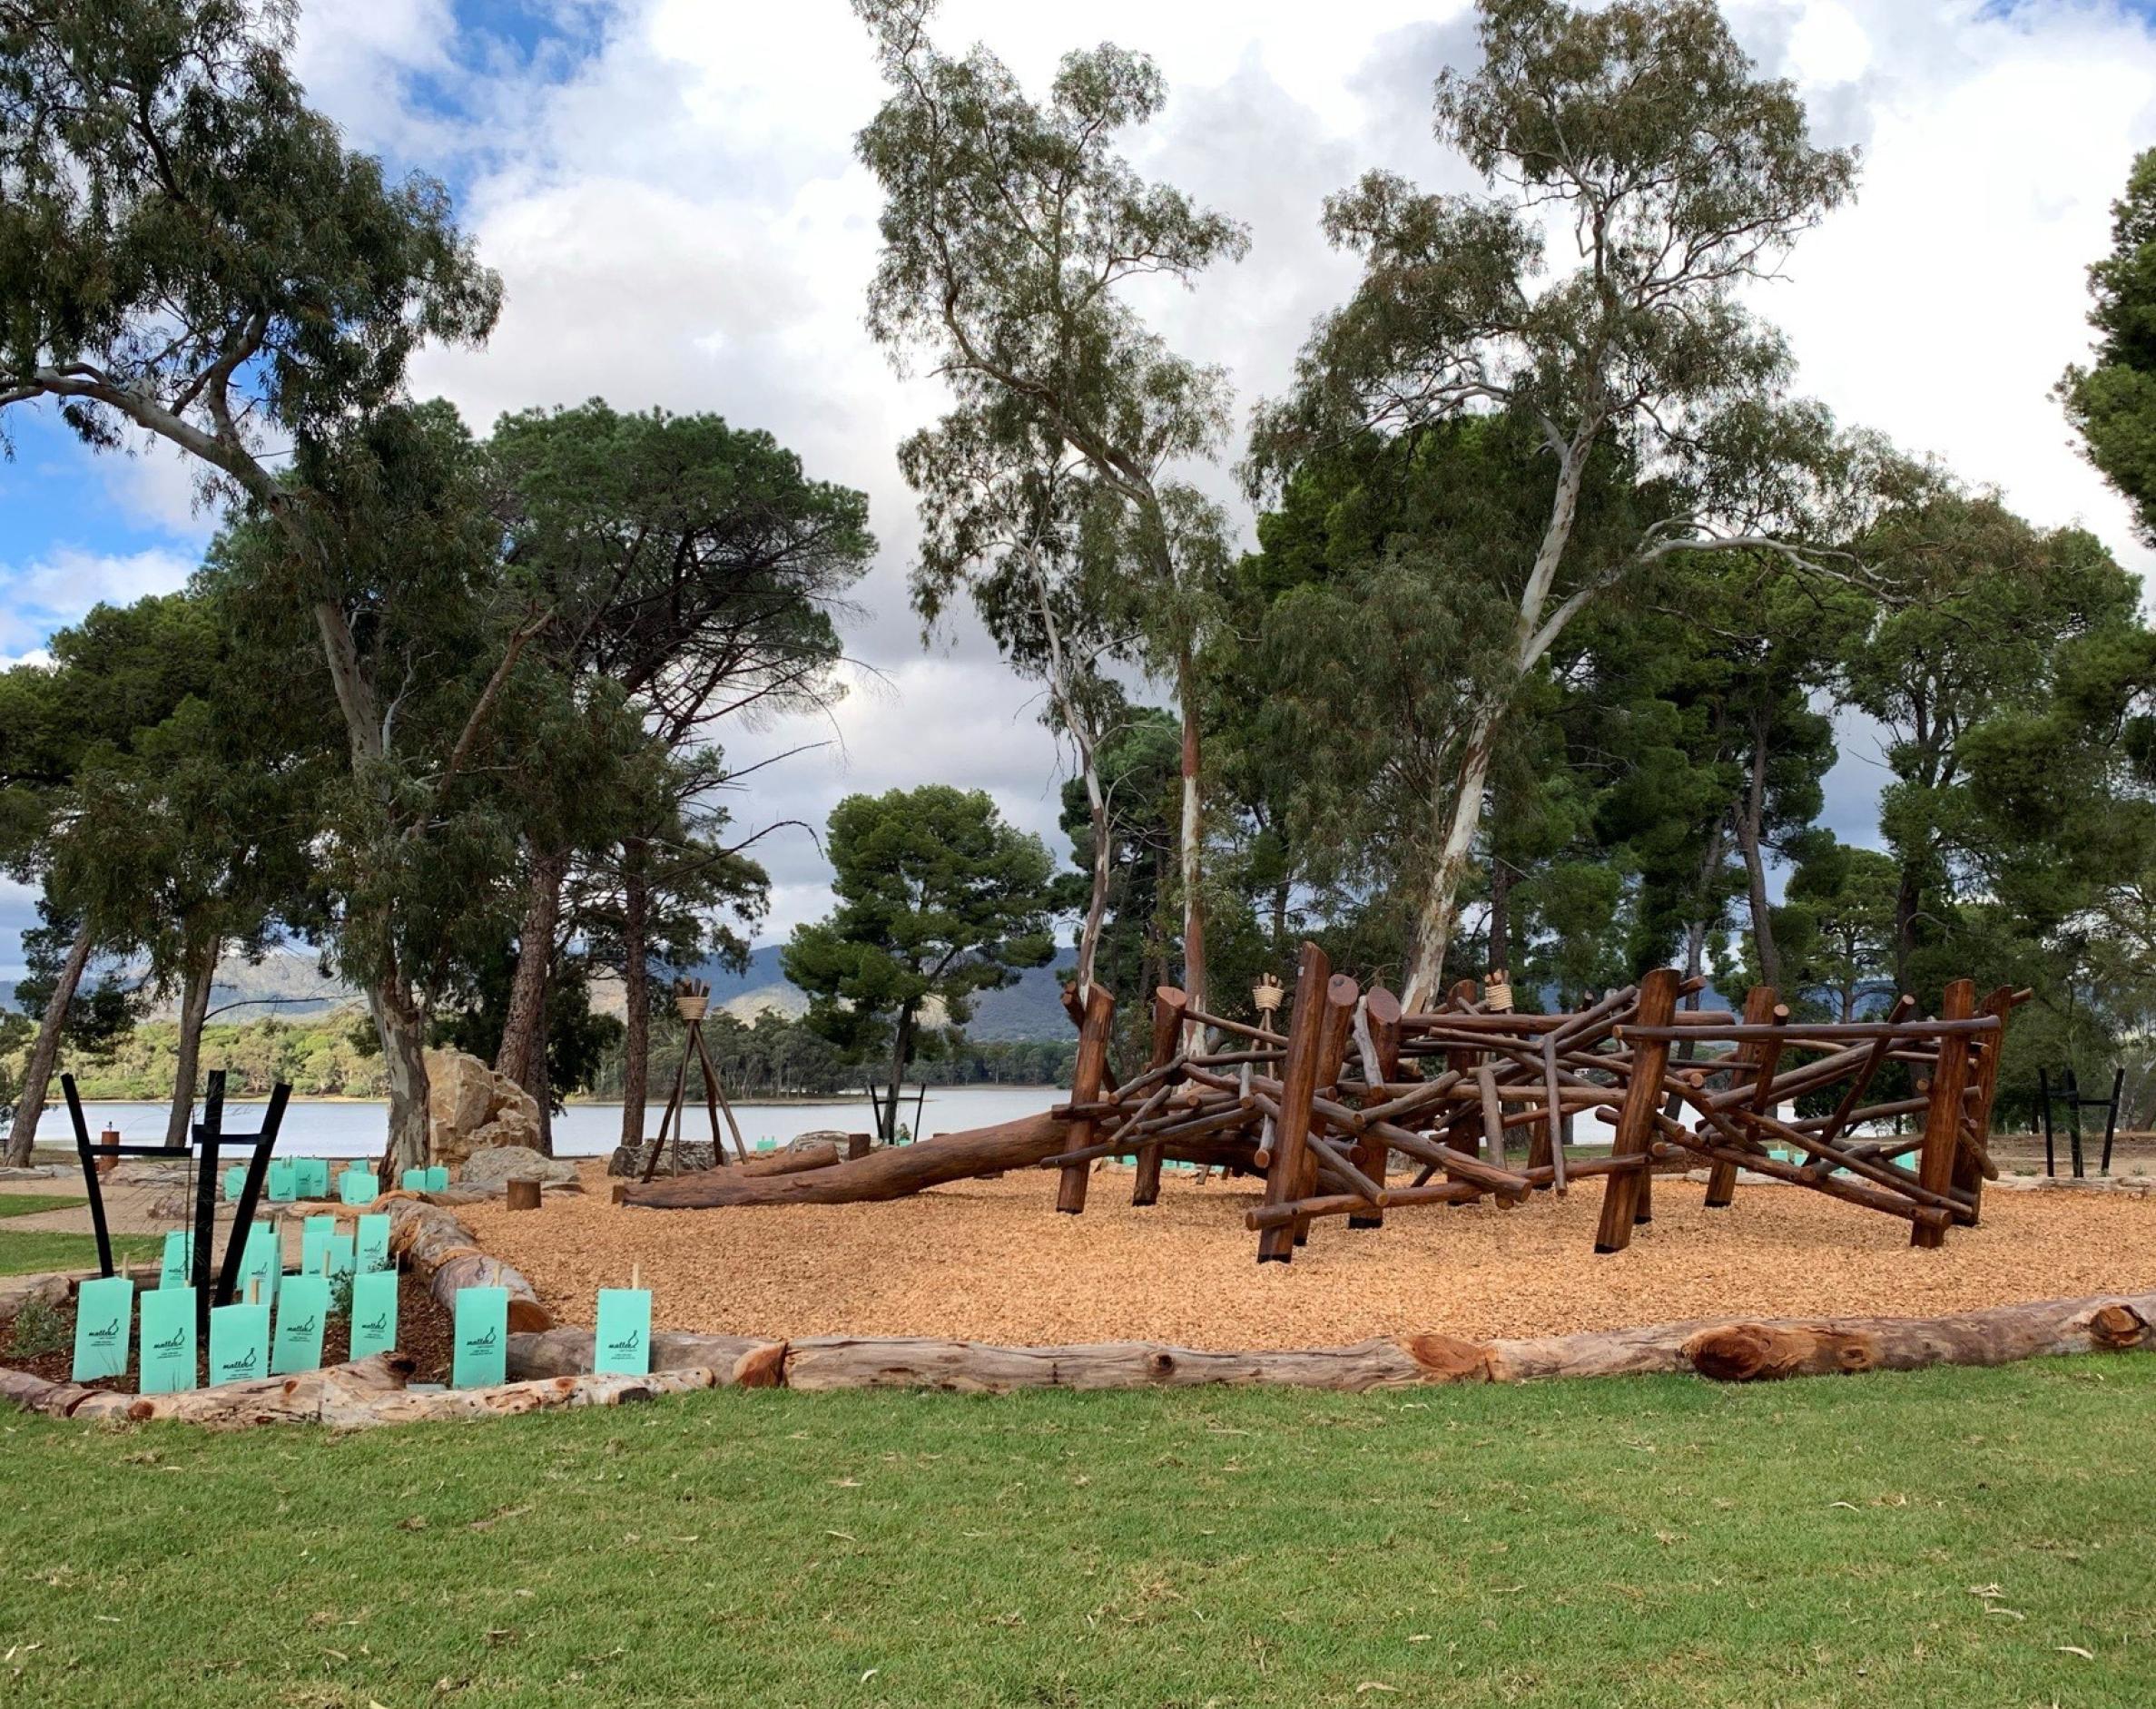 HHope Valley nature playground